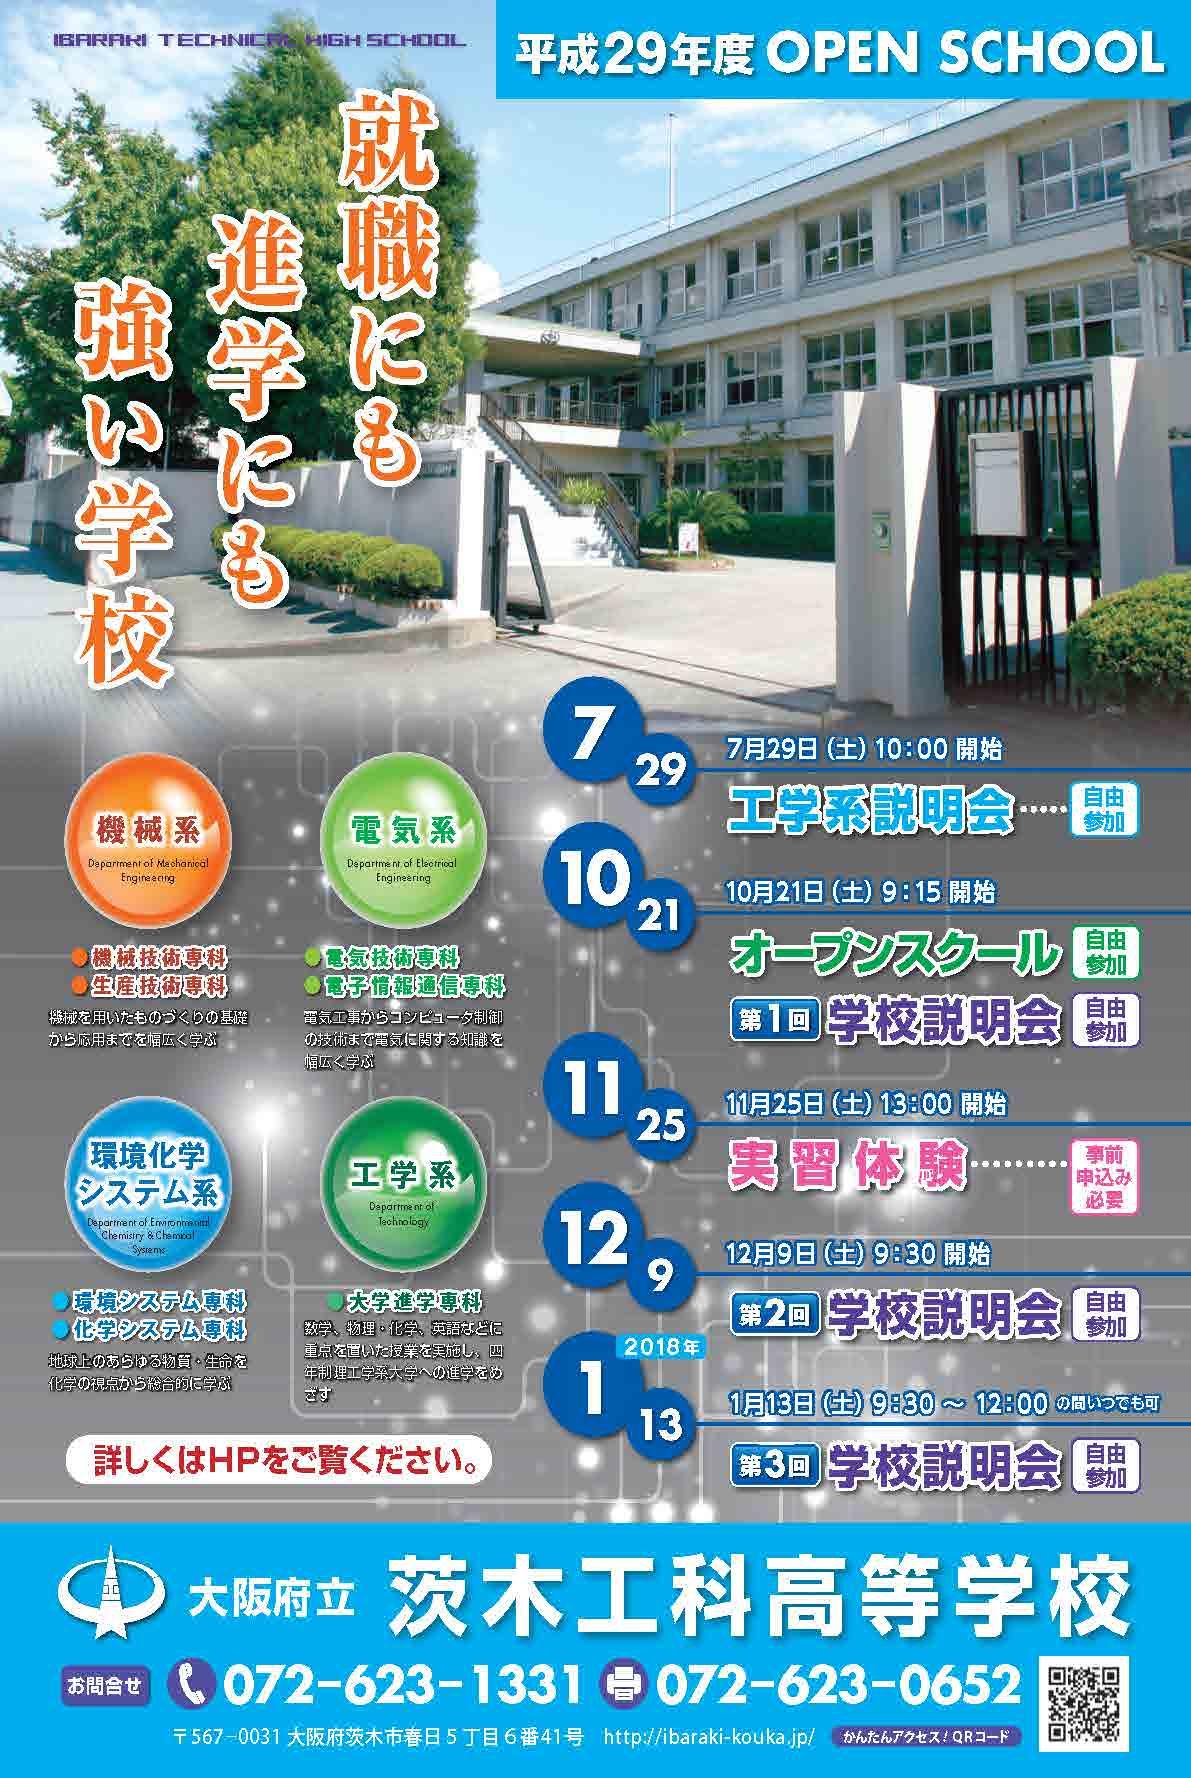 平成29年度学校公開スケジュール